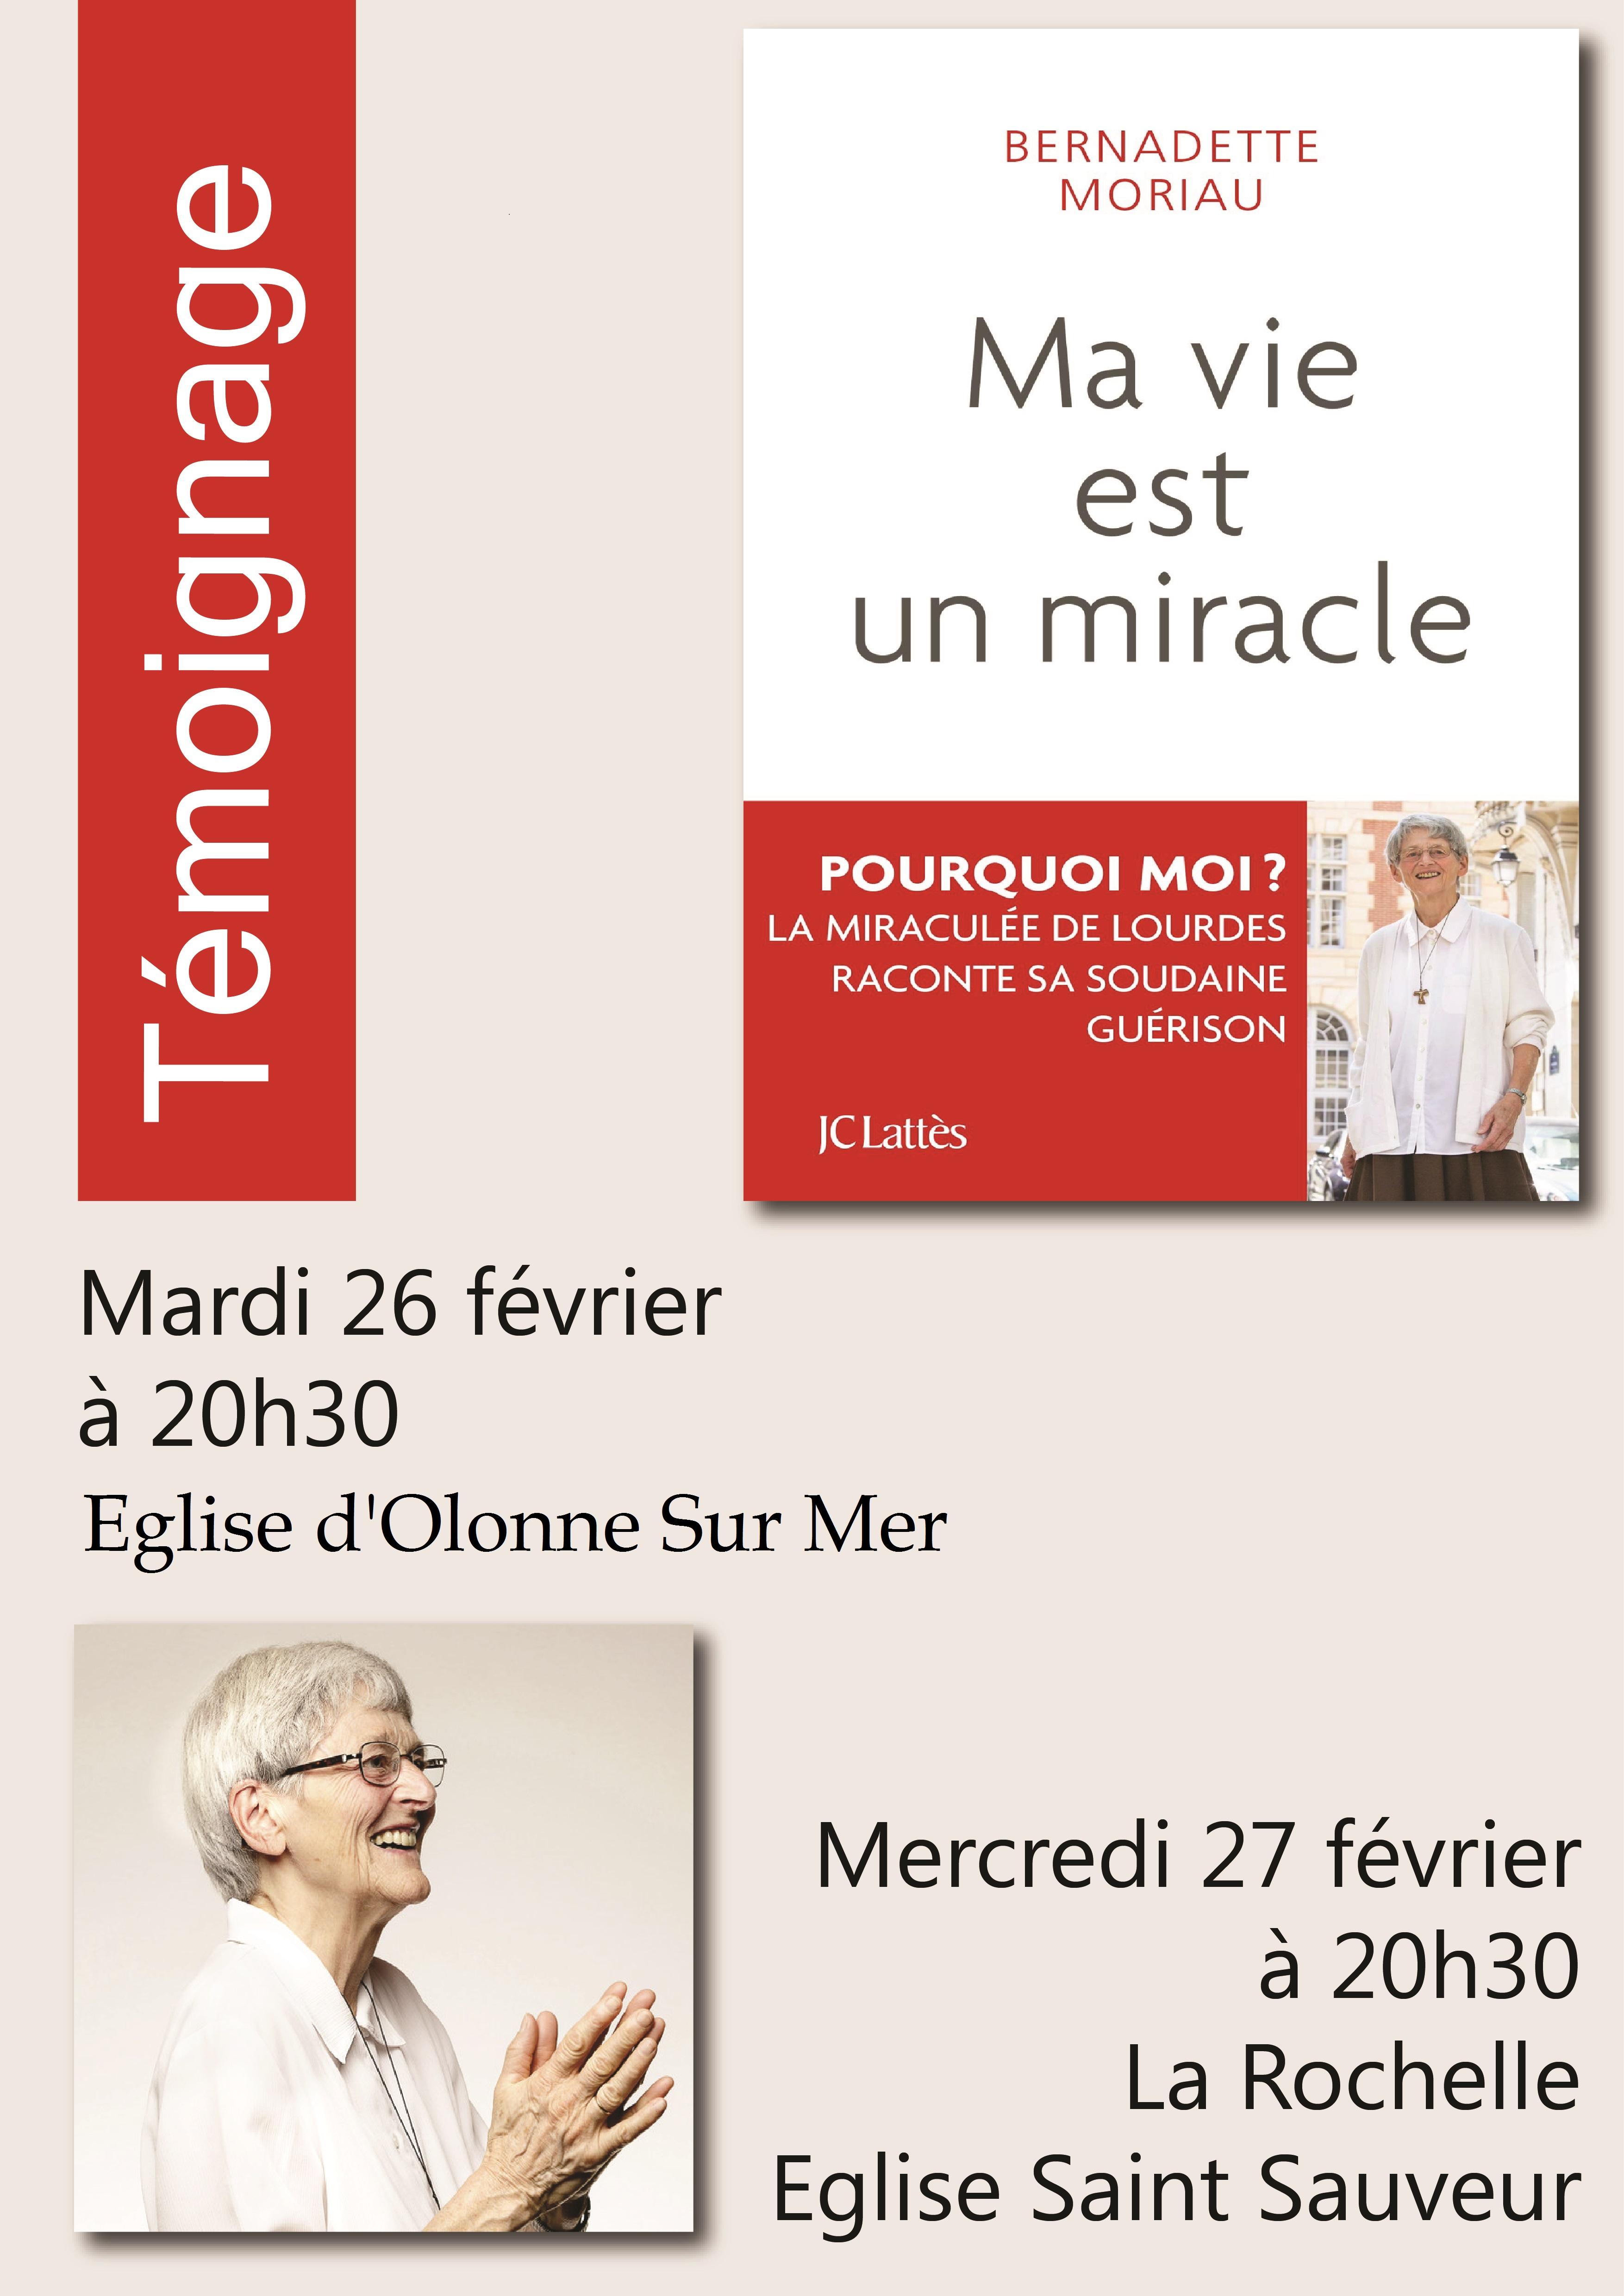 Témoignage de Bernadette Moriau, 70e miraculée de Lourdes le 26 février 2019 à Olonne-sur-Mer (85) & le 27 février à La Rochelle (85)